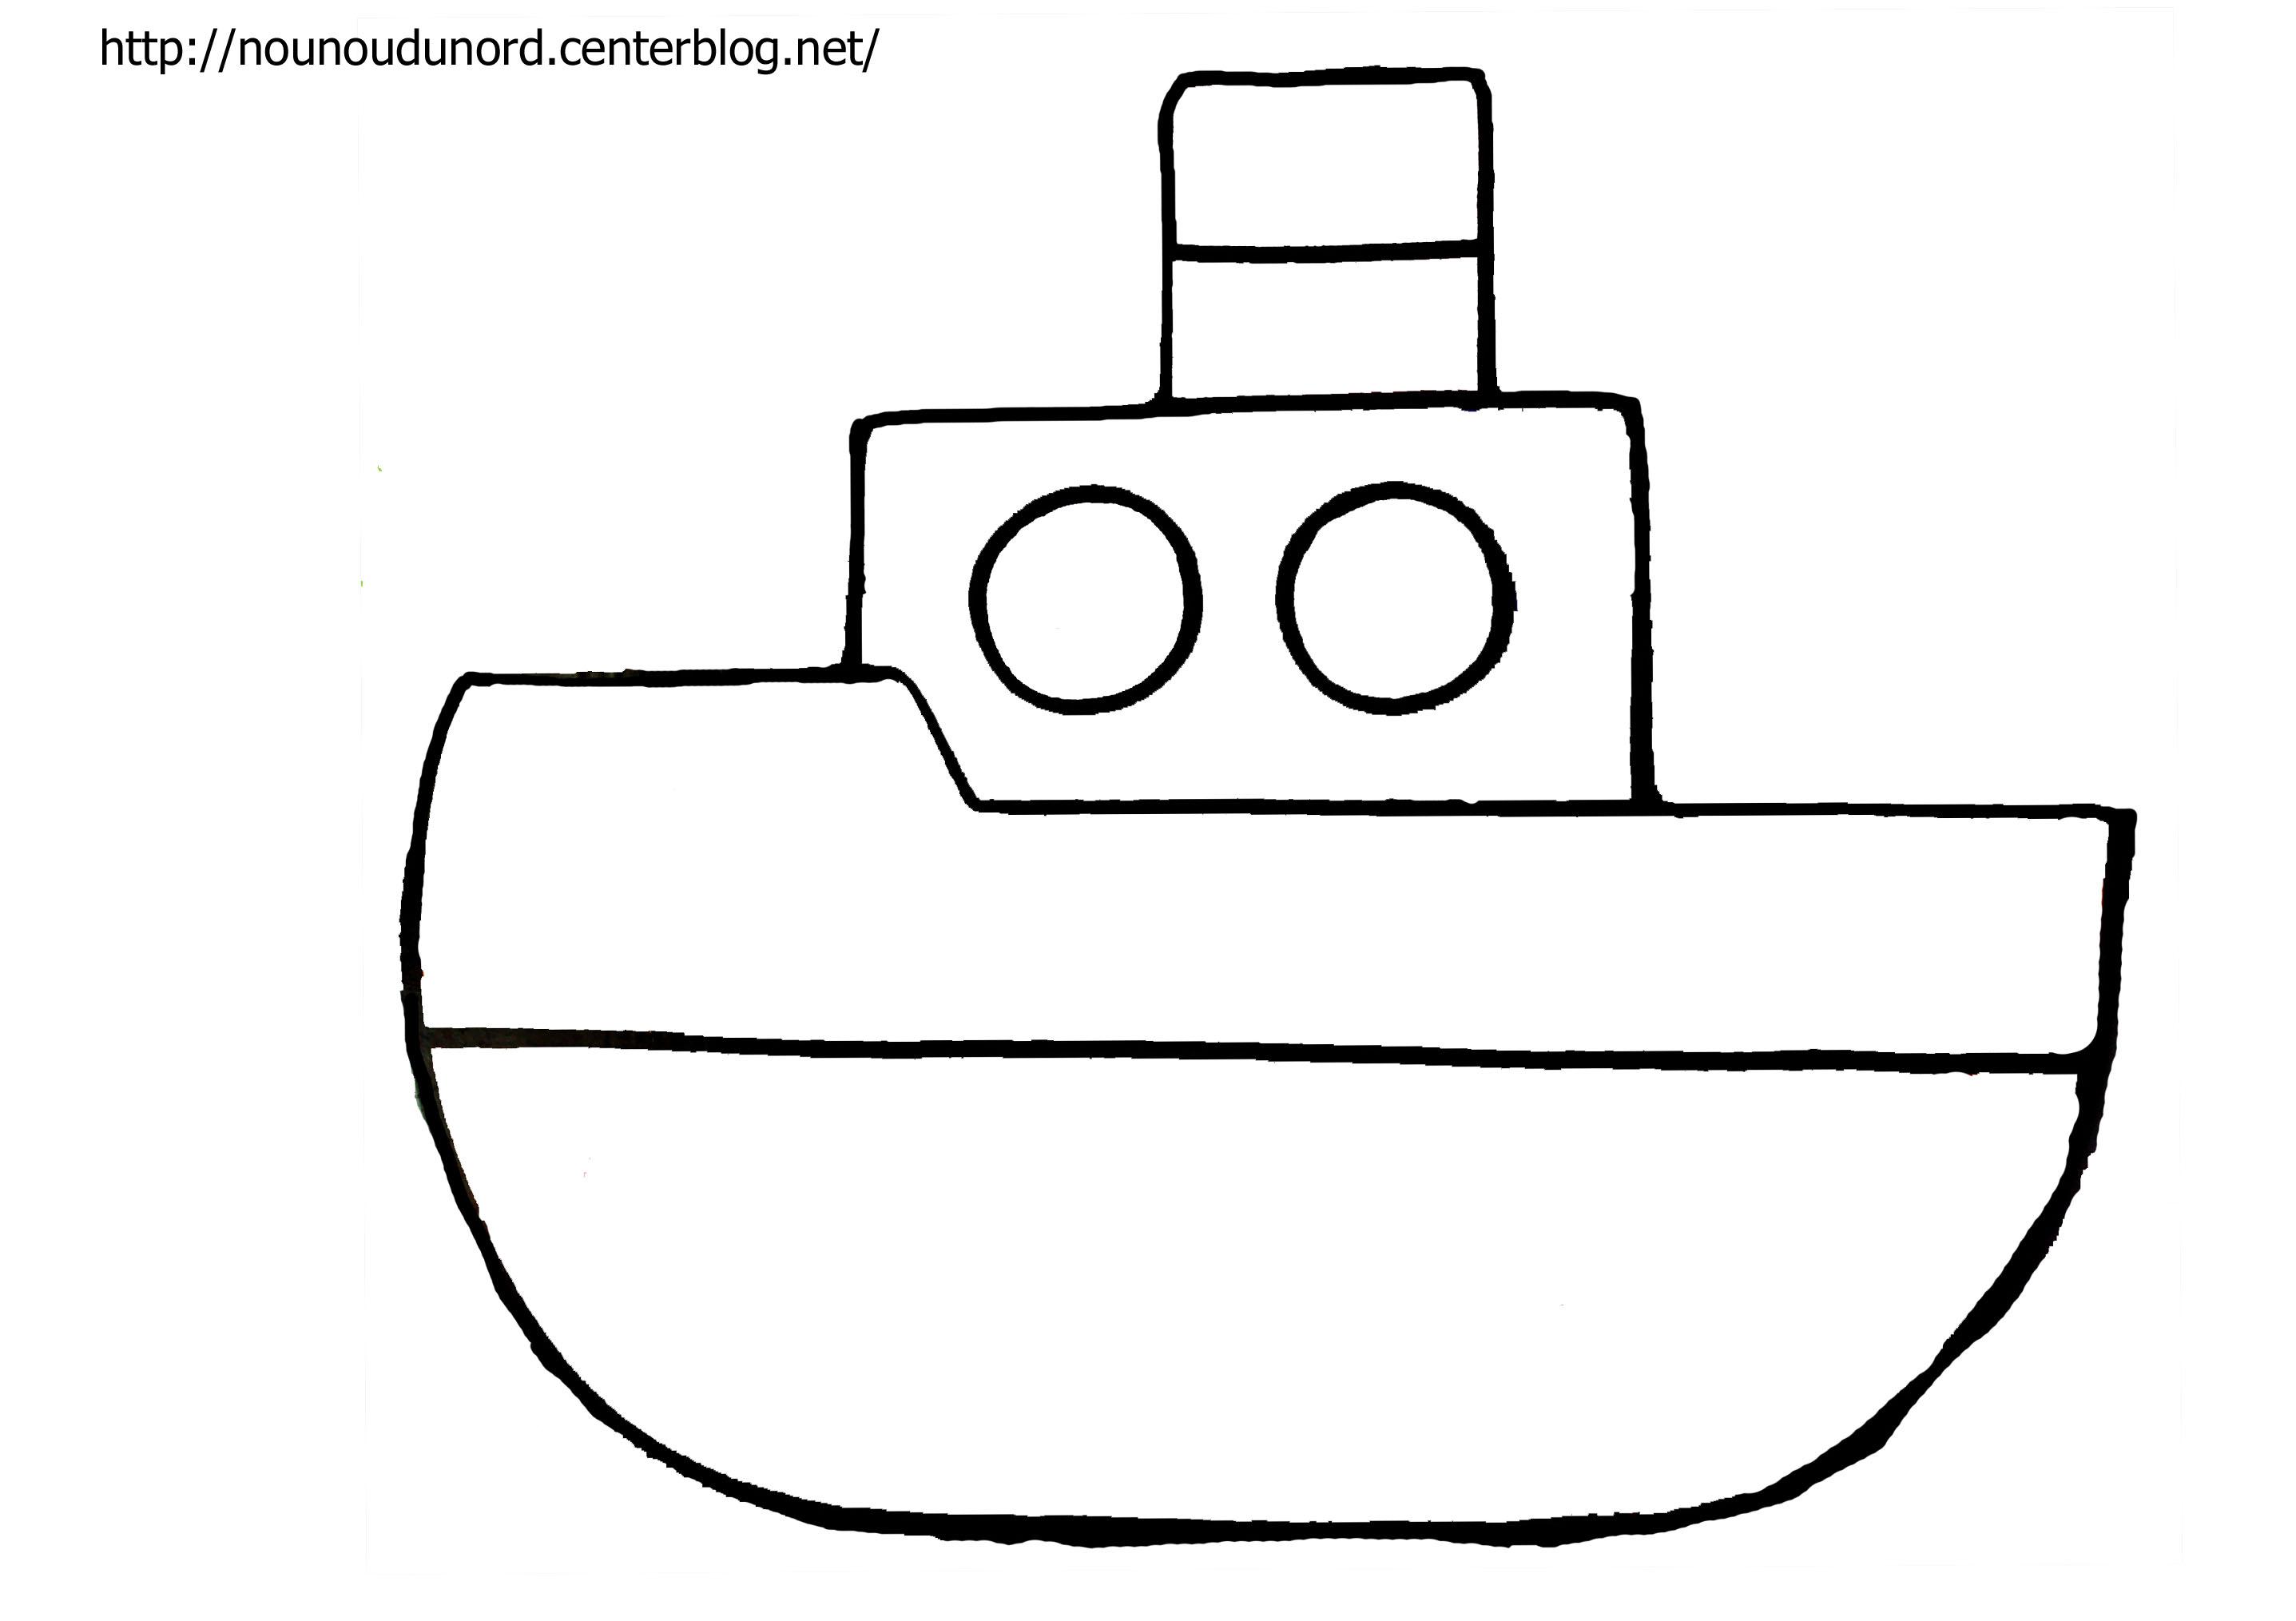 Dessin bateau facile - Dessin d un bateau ...